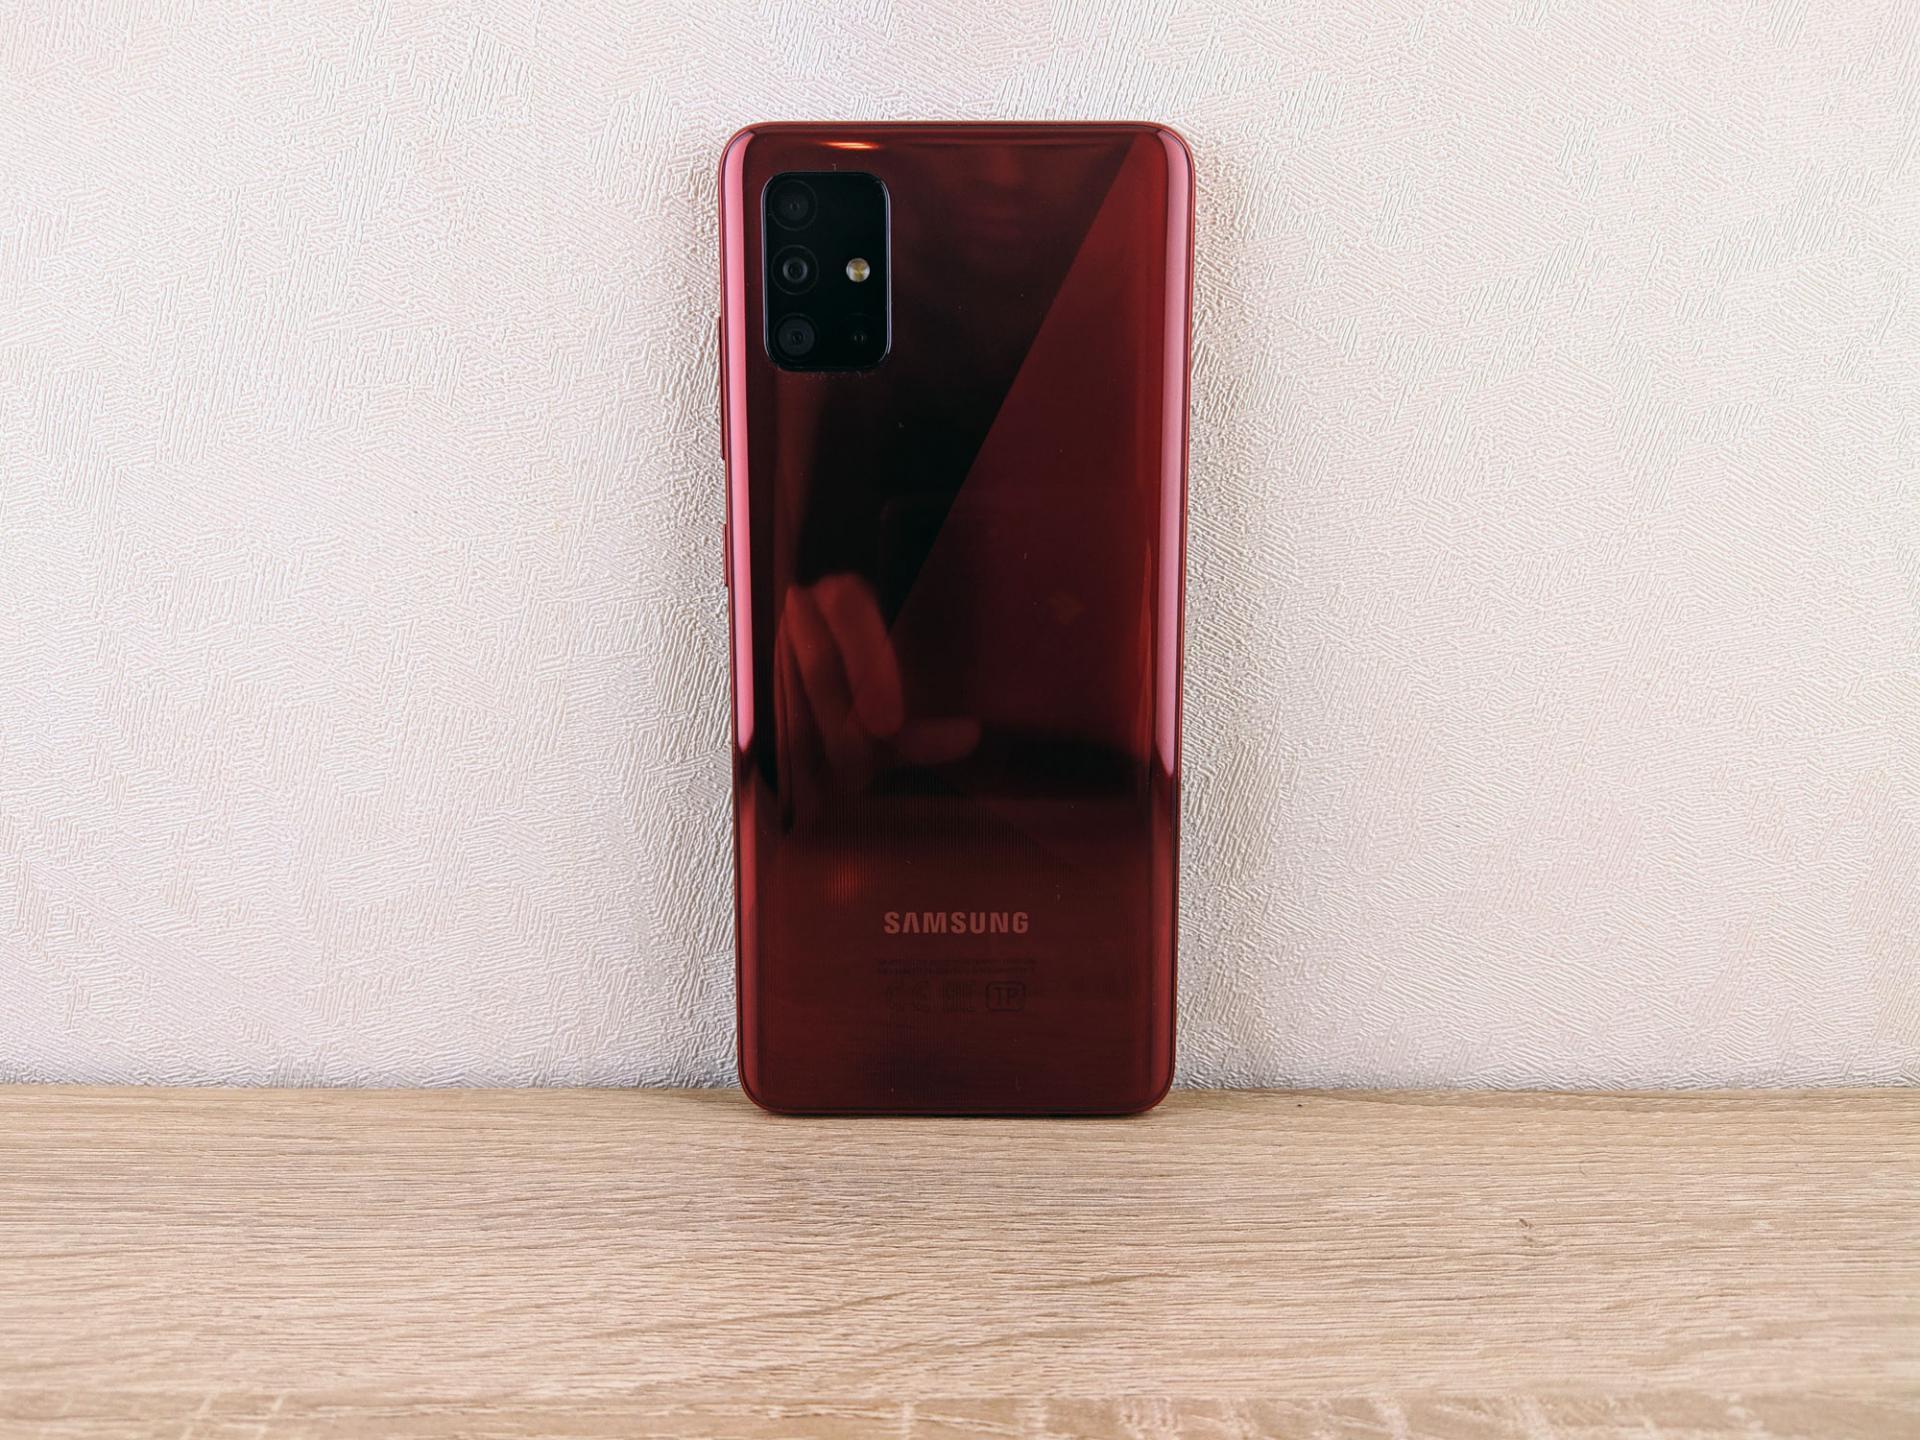 Среднебюджетные смартфоны Samsung получают некоторые возможности флагмана Galaxy S20